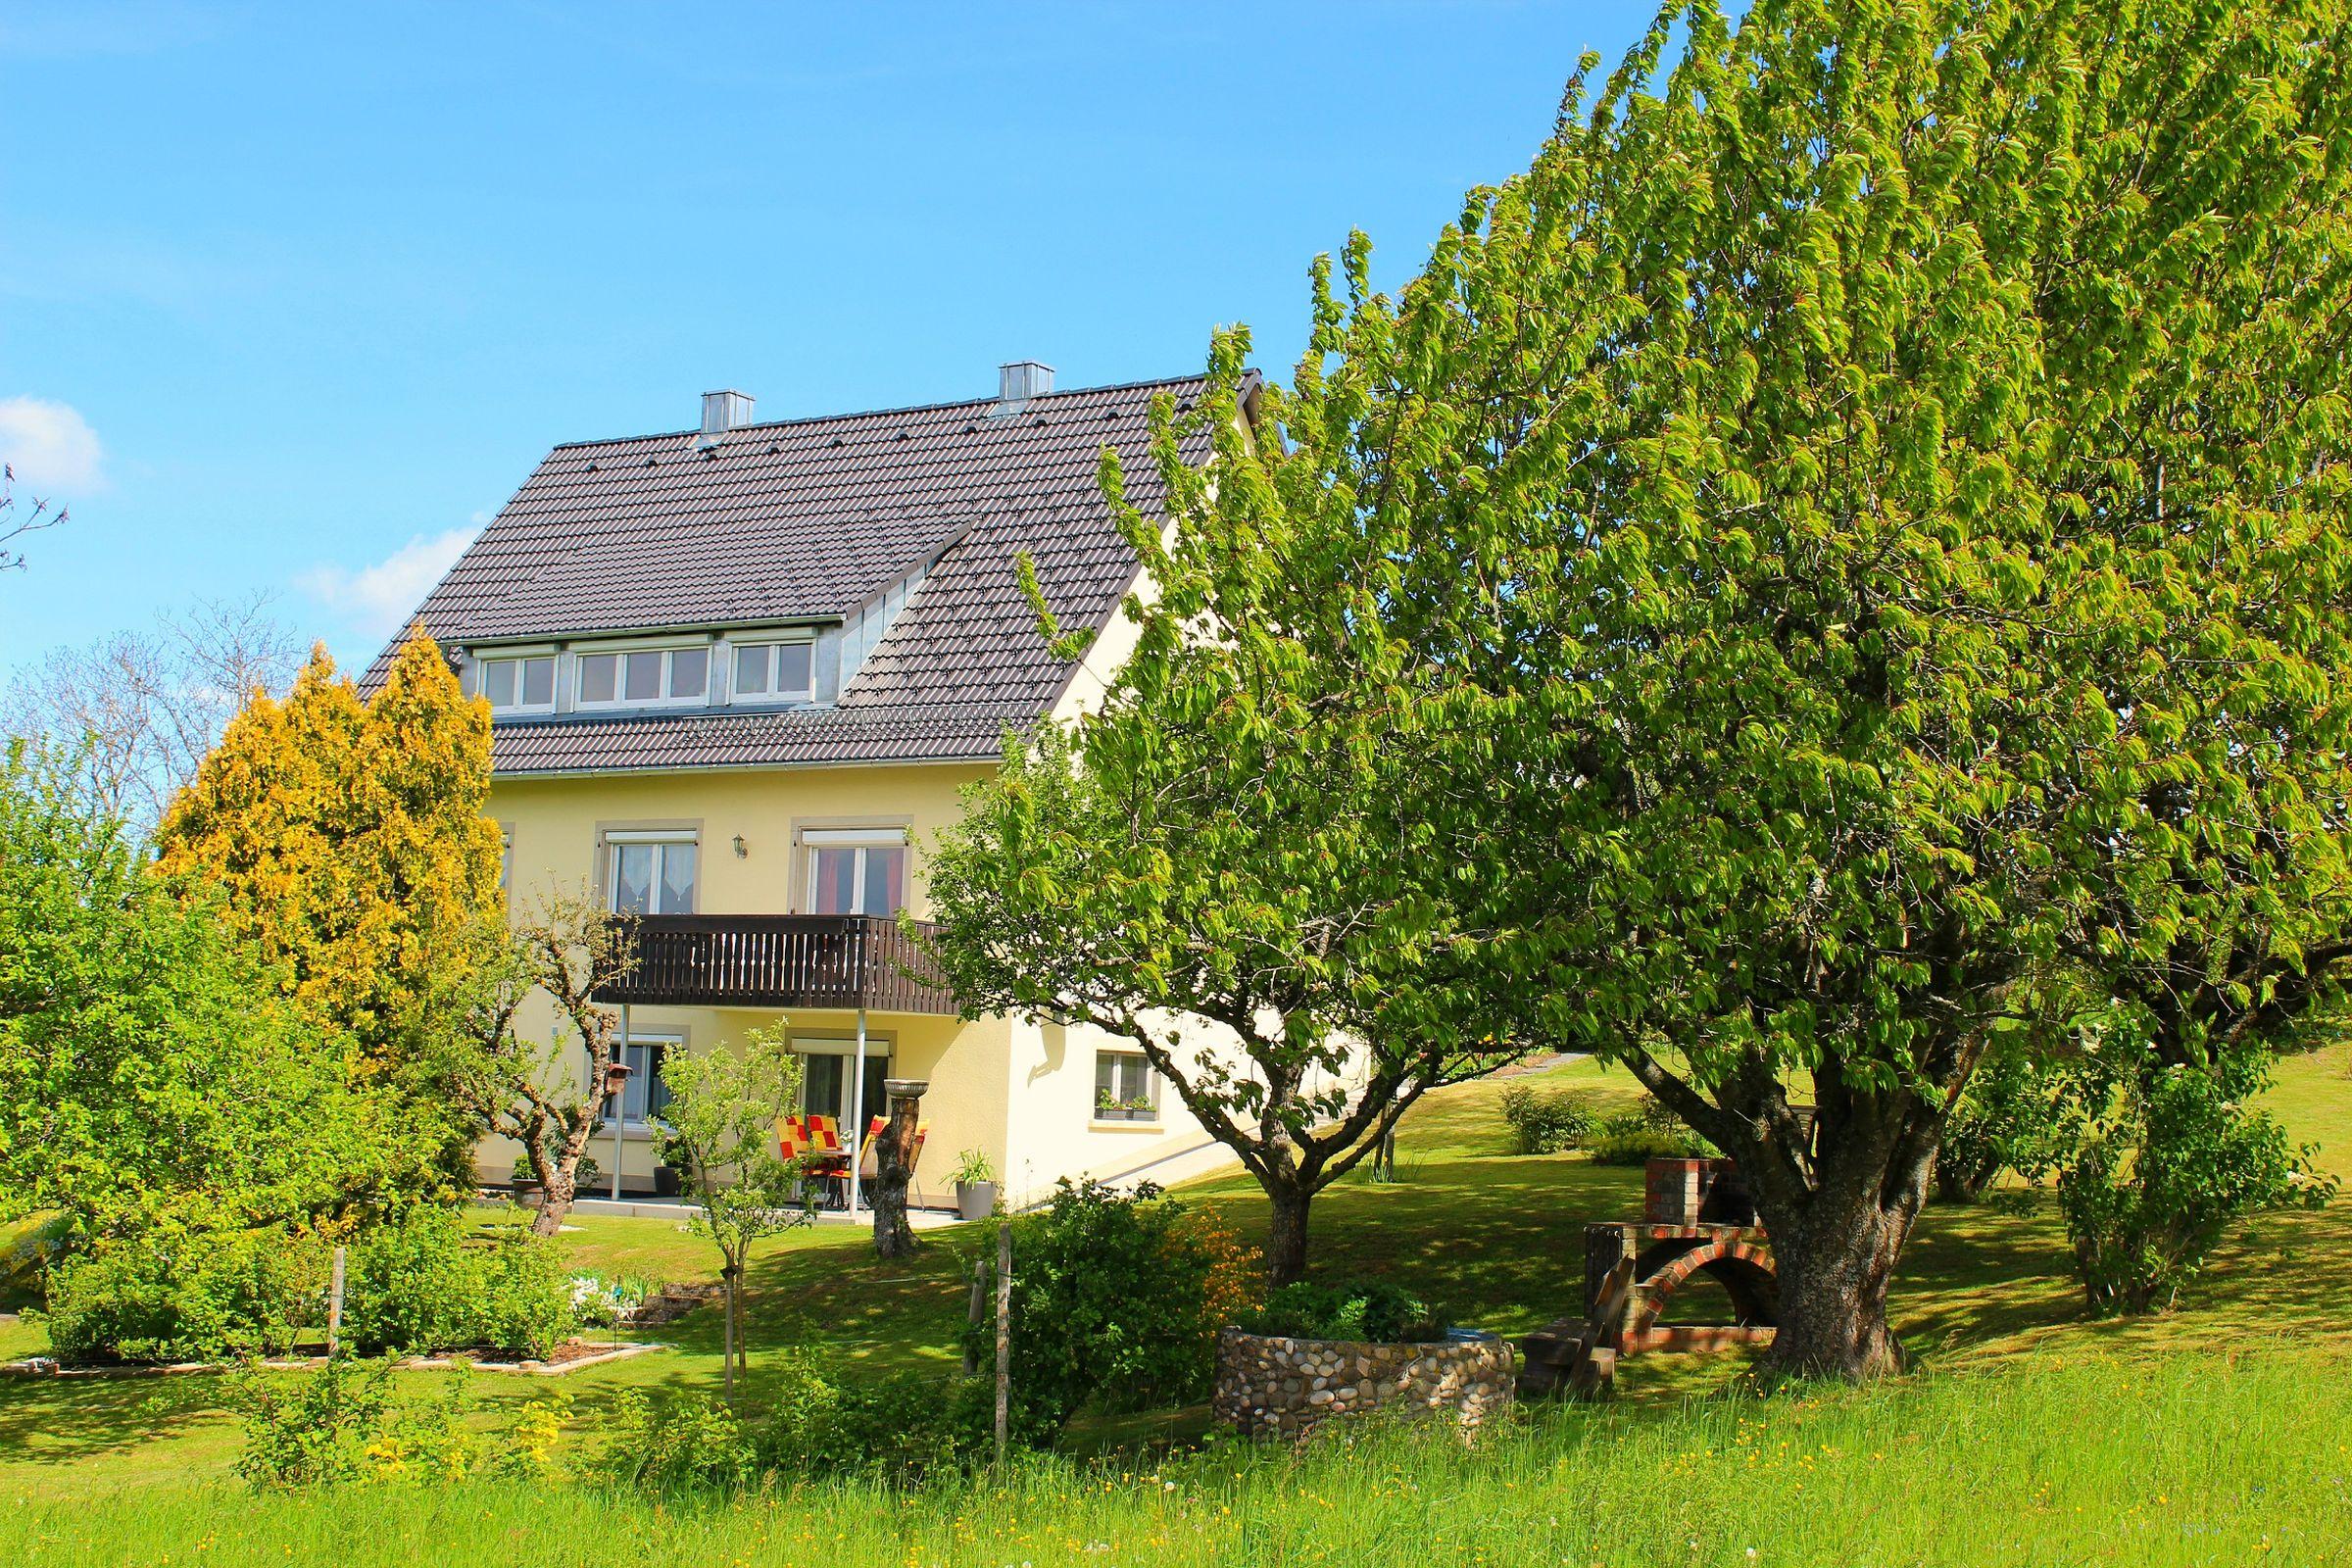 Ferienwohnung Panoramablick, (Horben). Nichtraucher-49qm, 1 Schlafraum, 1 Wohn-/Schlafraum, max. 3 Perso (605187), Horben, Schwarzwald, Baden-Württemberg, Deutschland, Bild 3